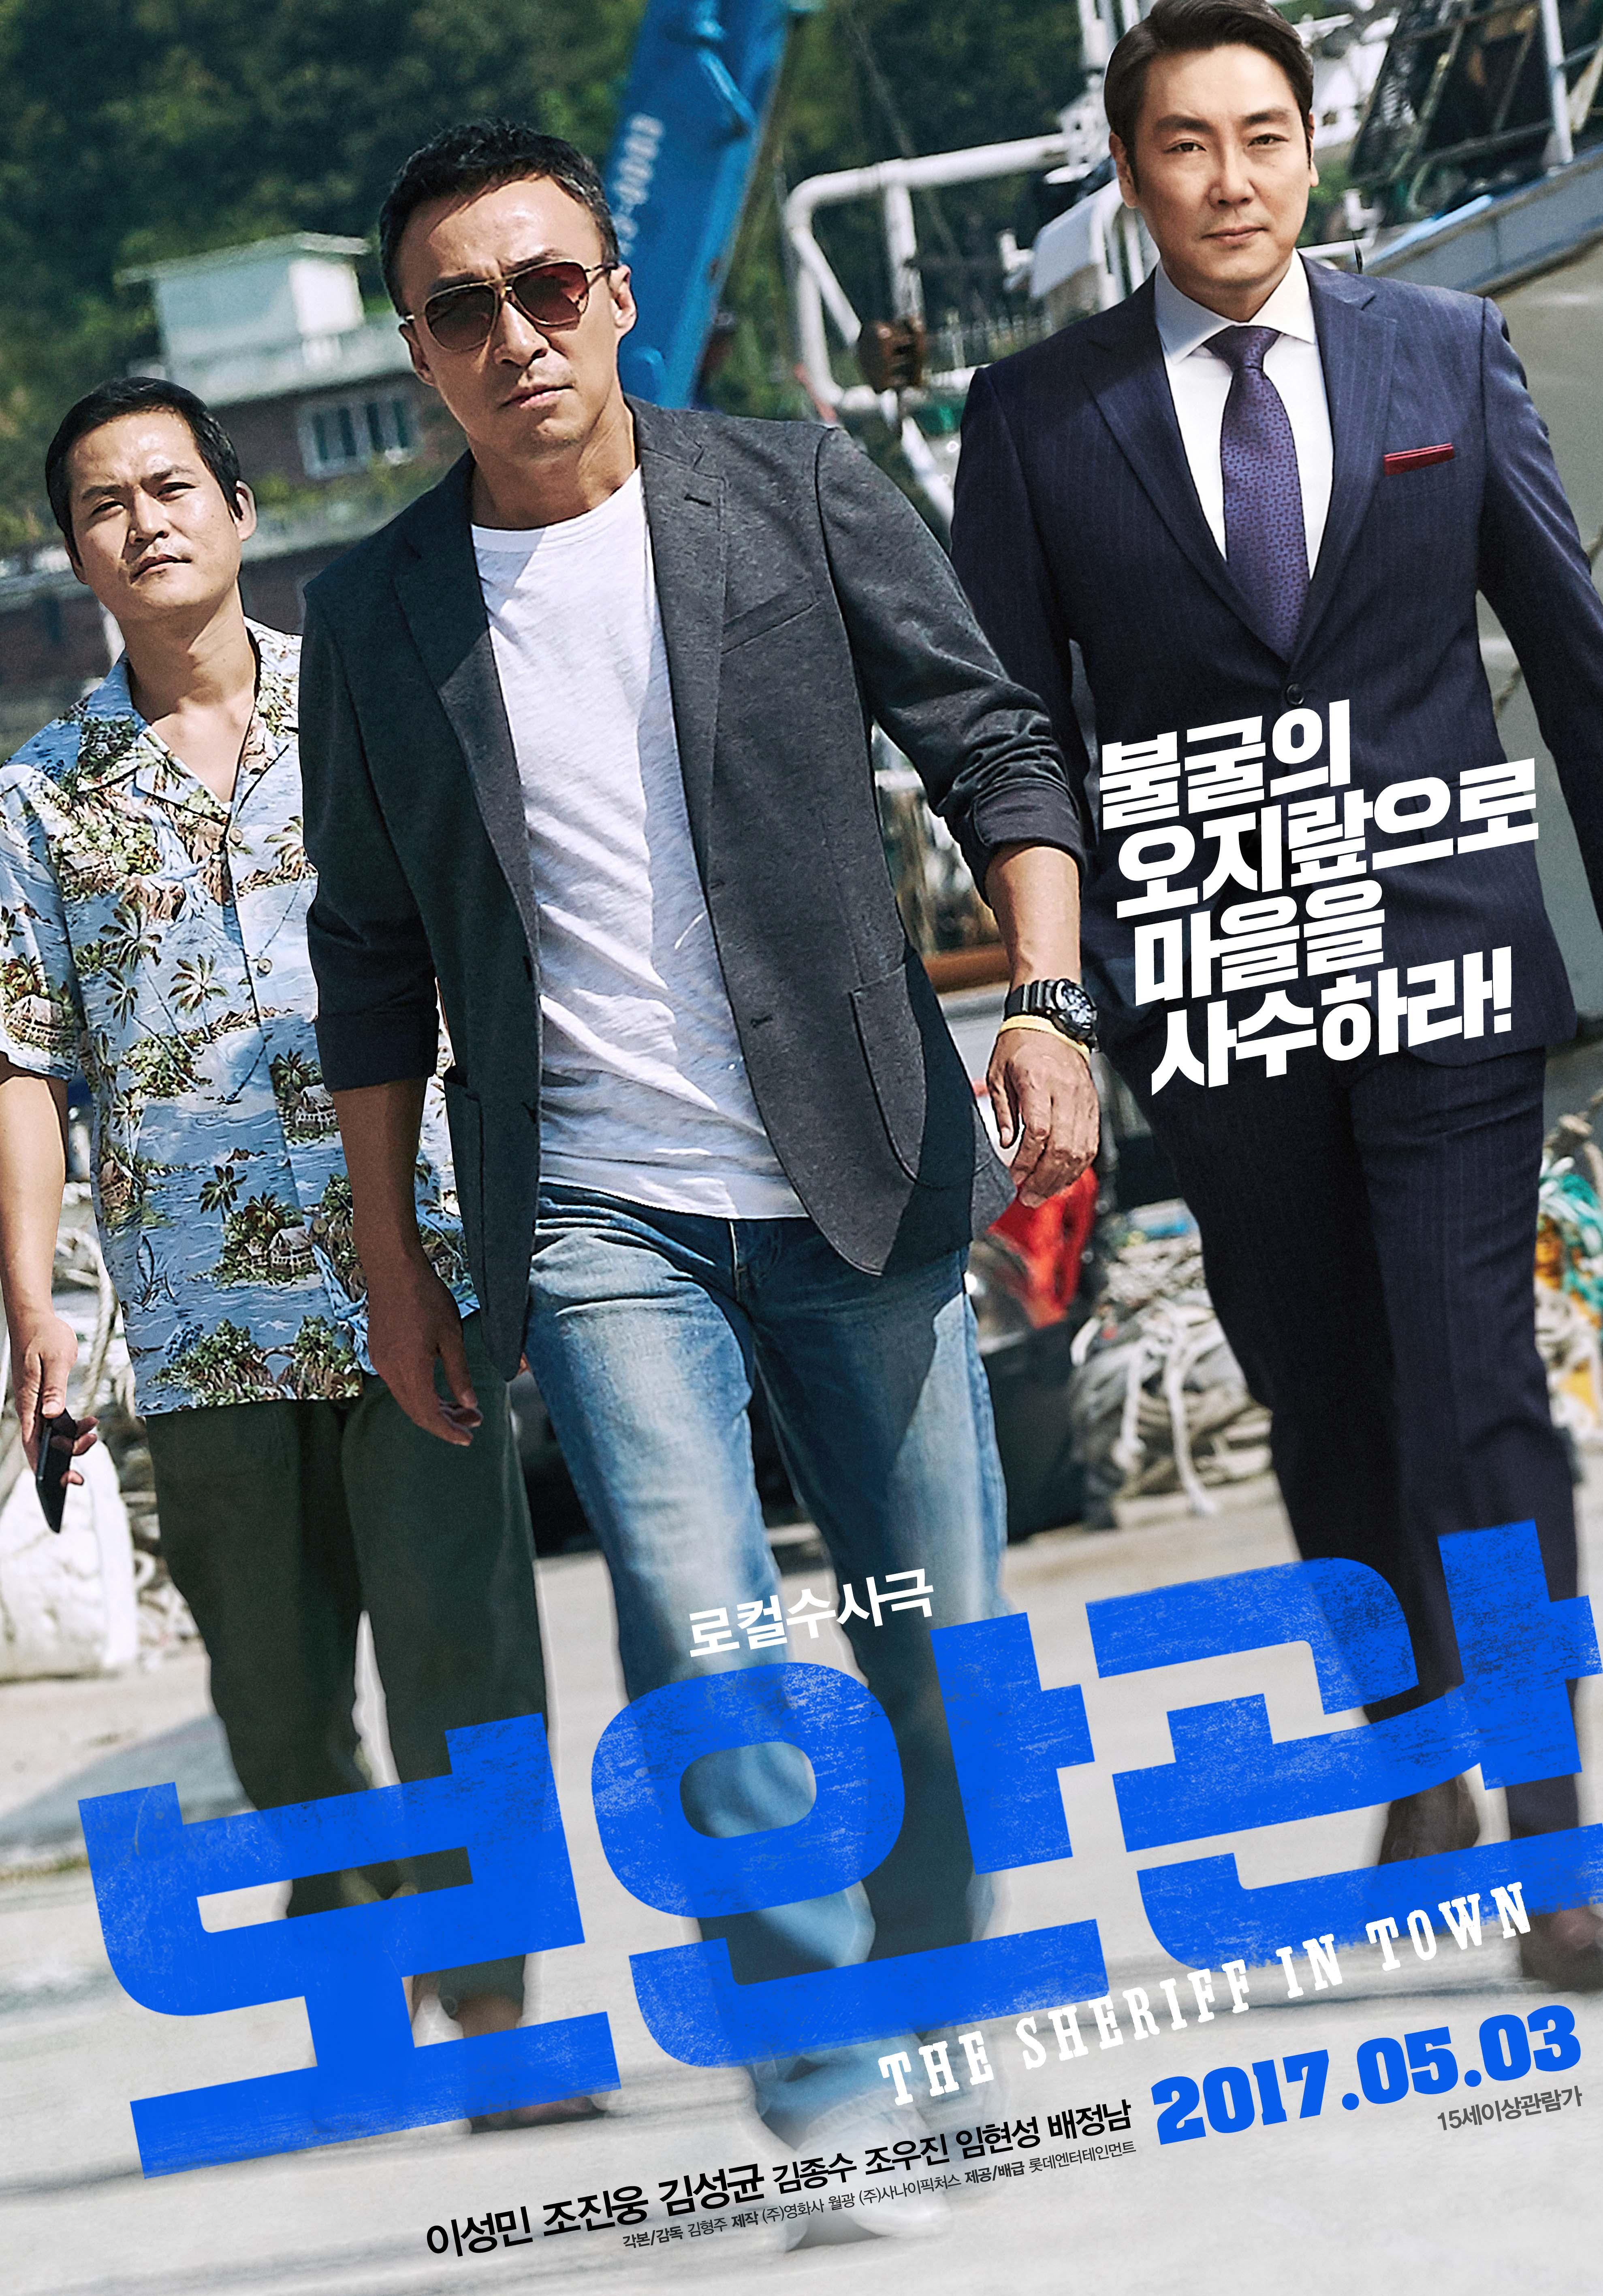 <보안관> 이성민-김성균의 빵터지는 '조진웅 수사일지' 공개